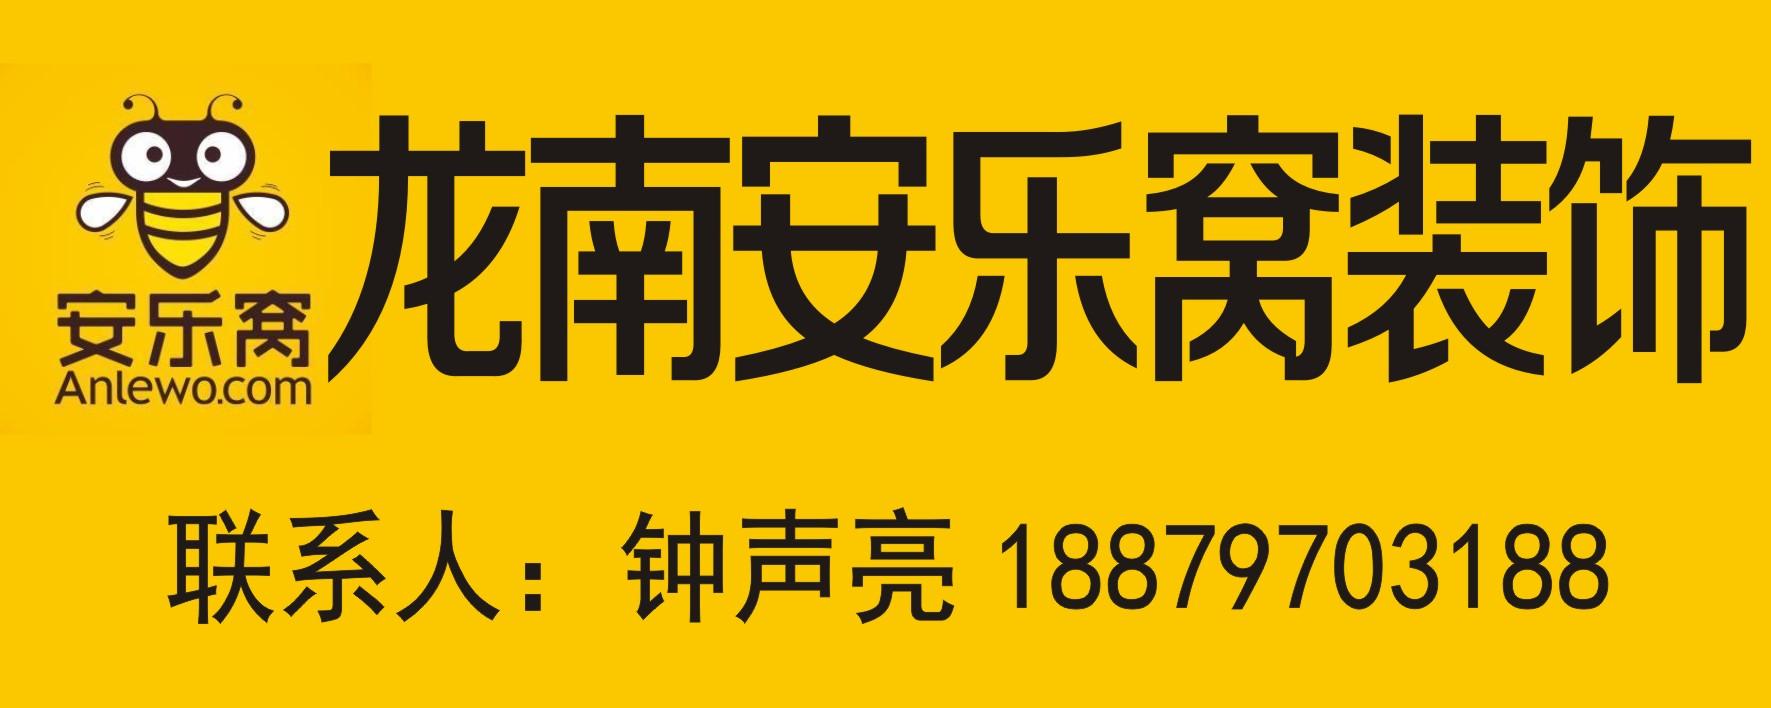 龍南安樂窩裝飾有限公司